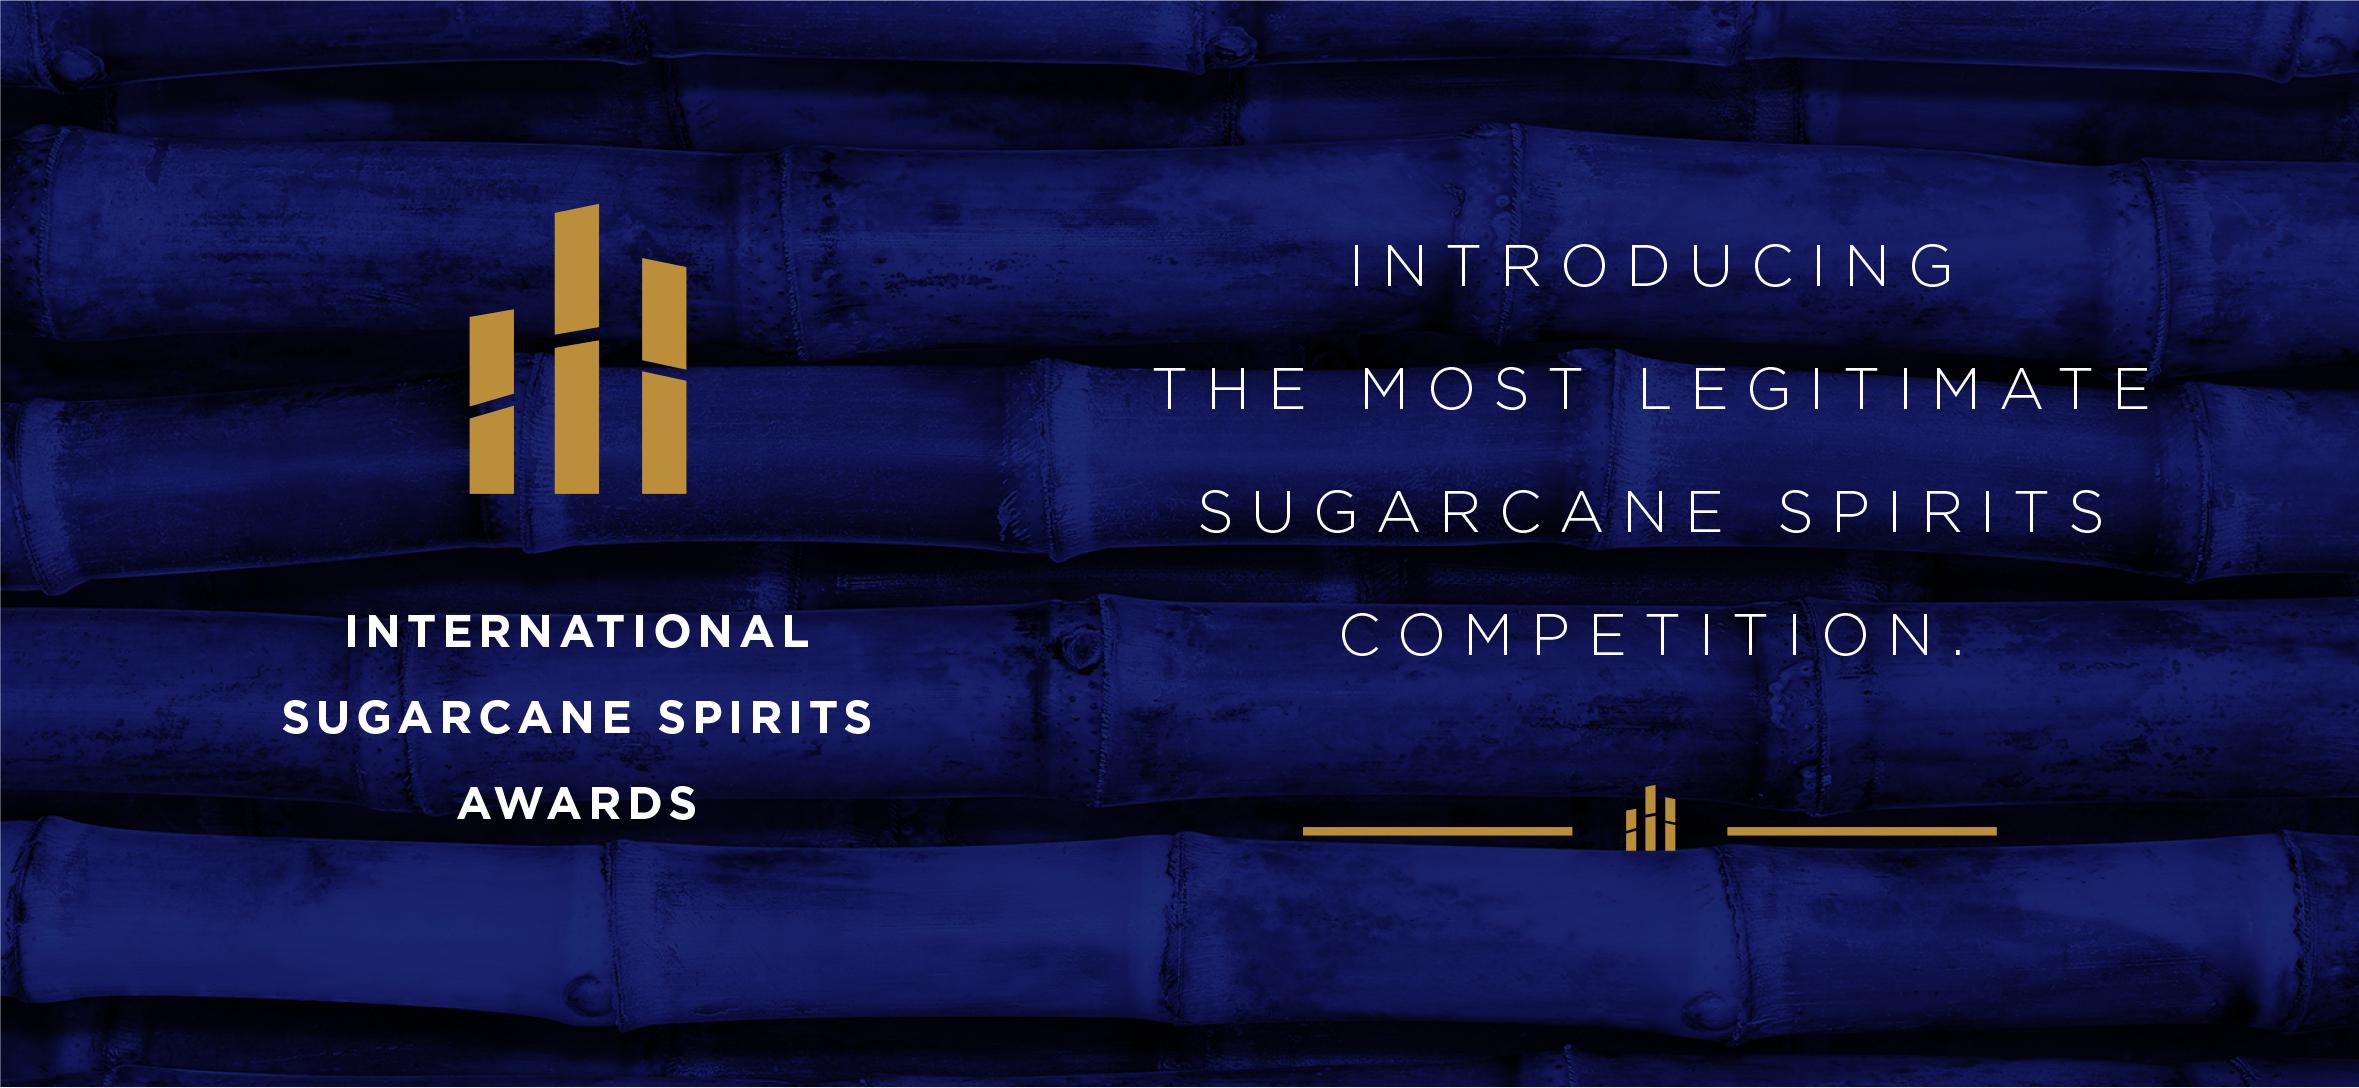 L'international Sugarcane Spirits Awards